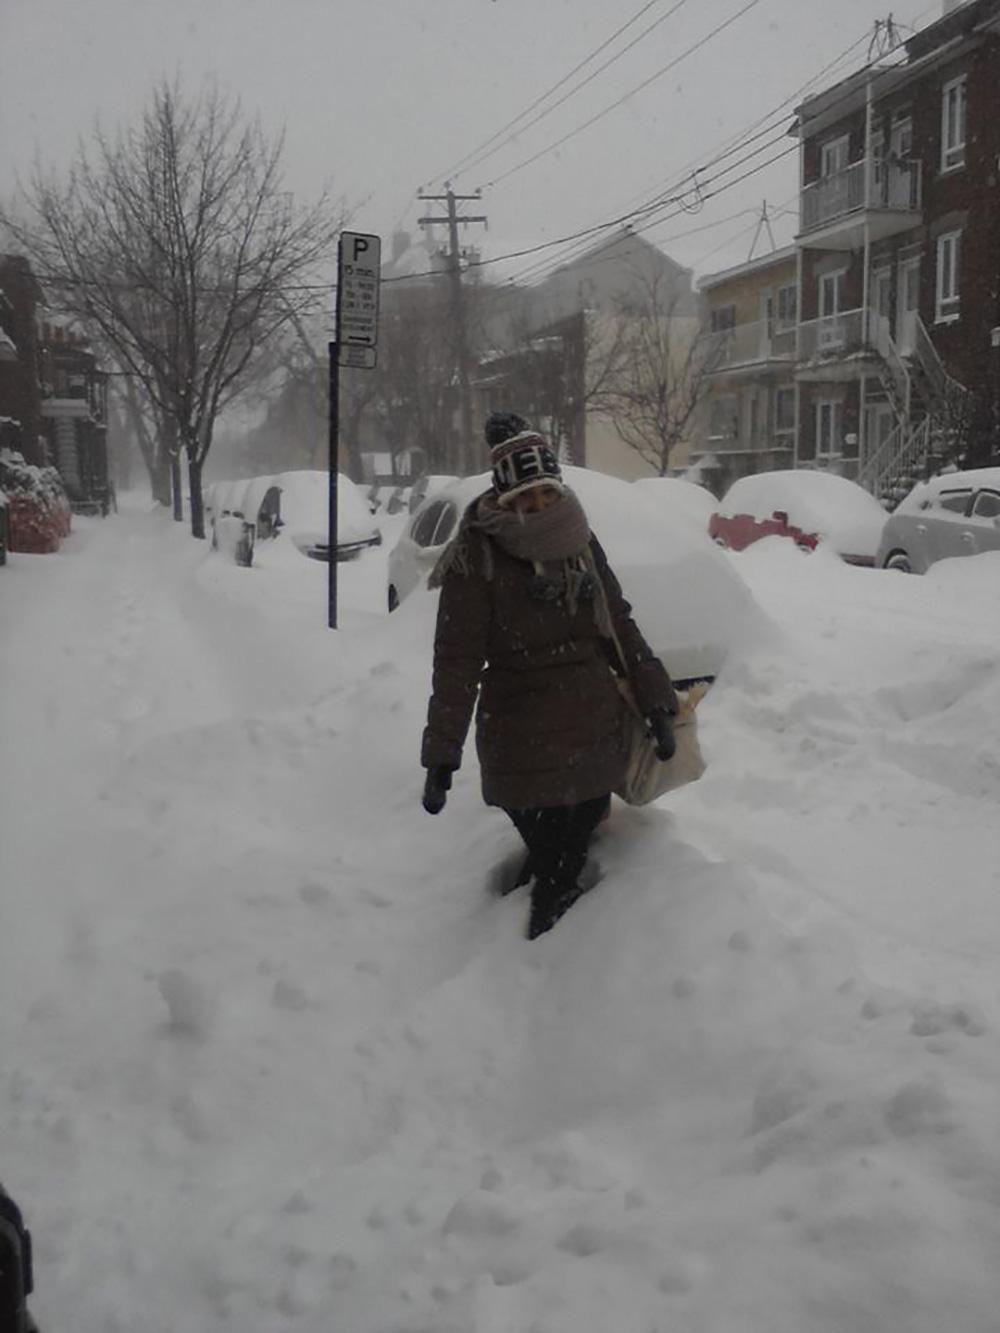 Faire un Erasmus à Montréal - La neige à Montréal